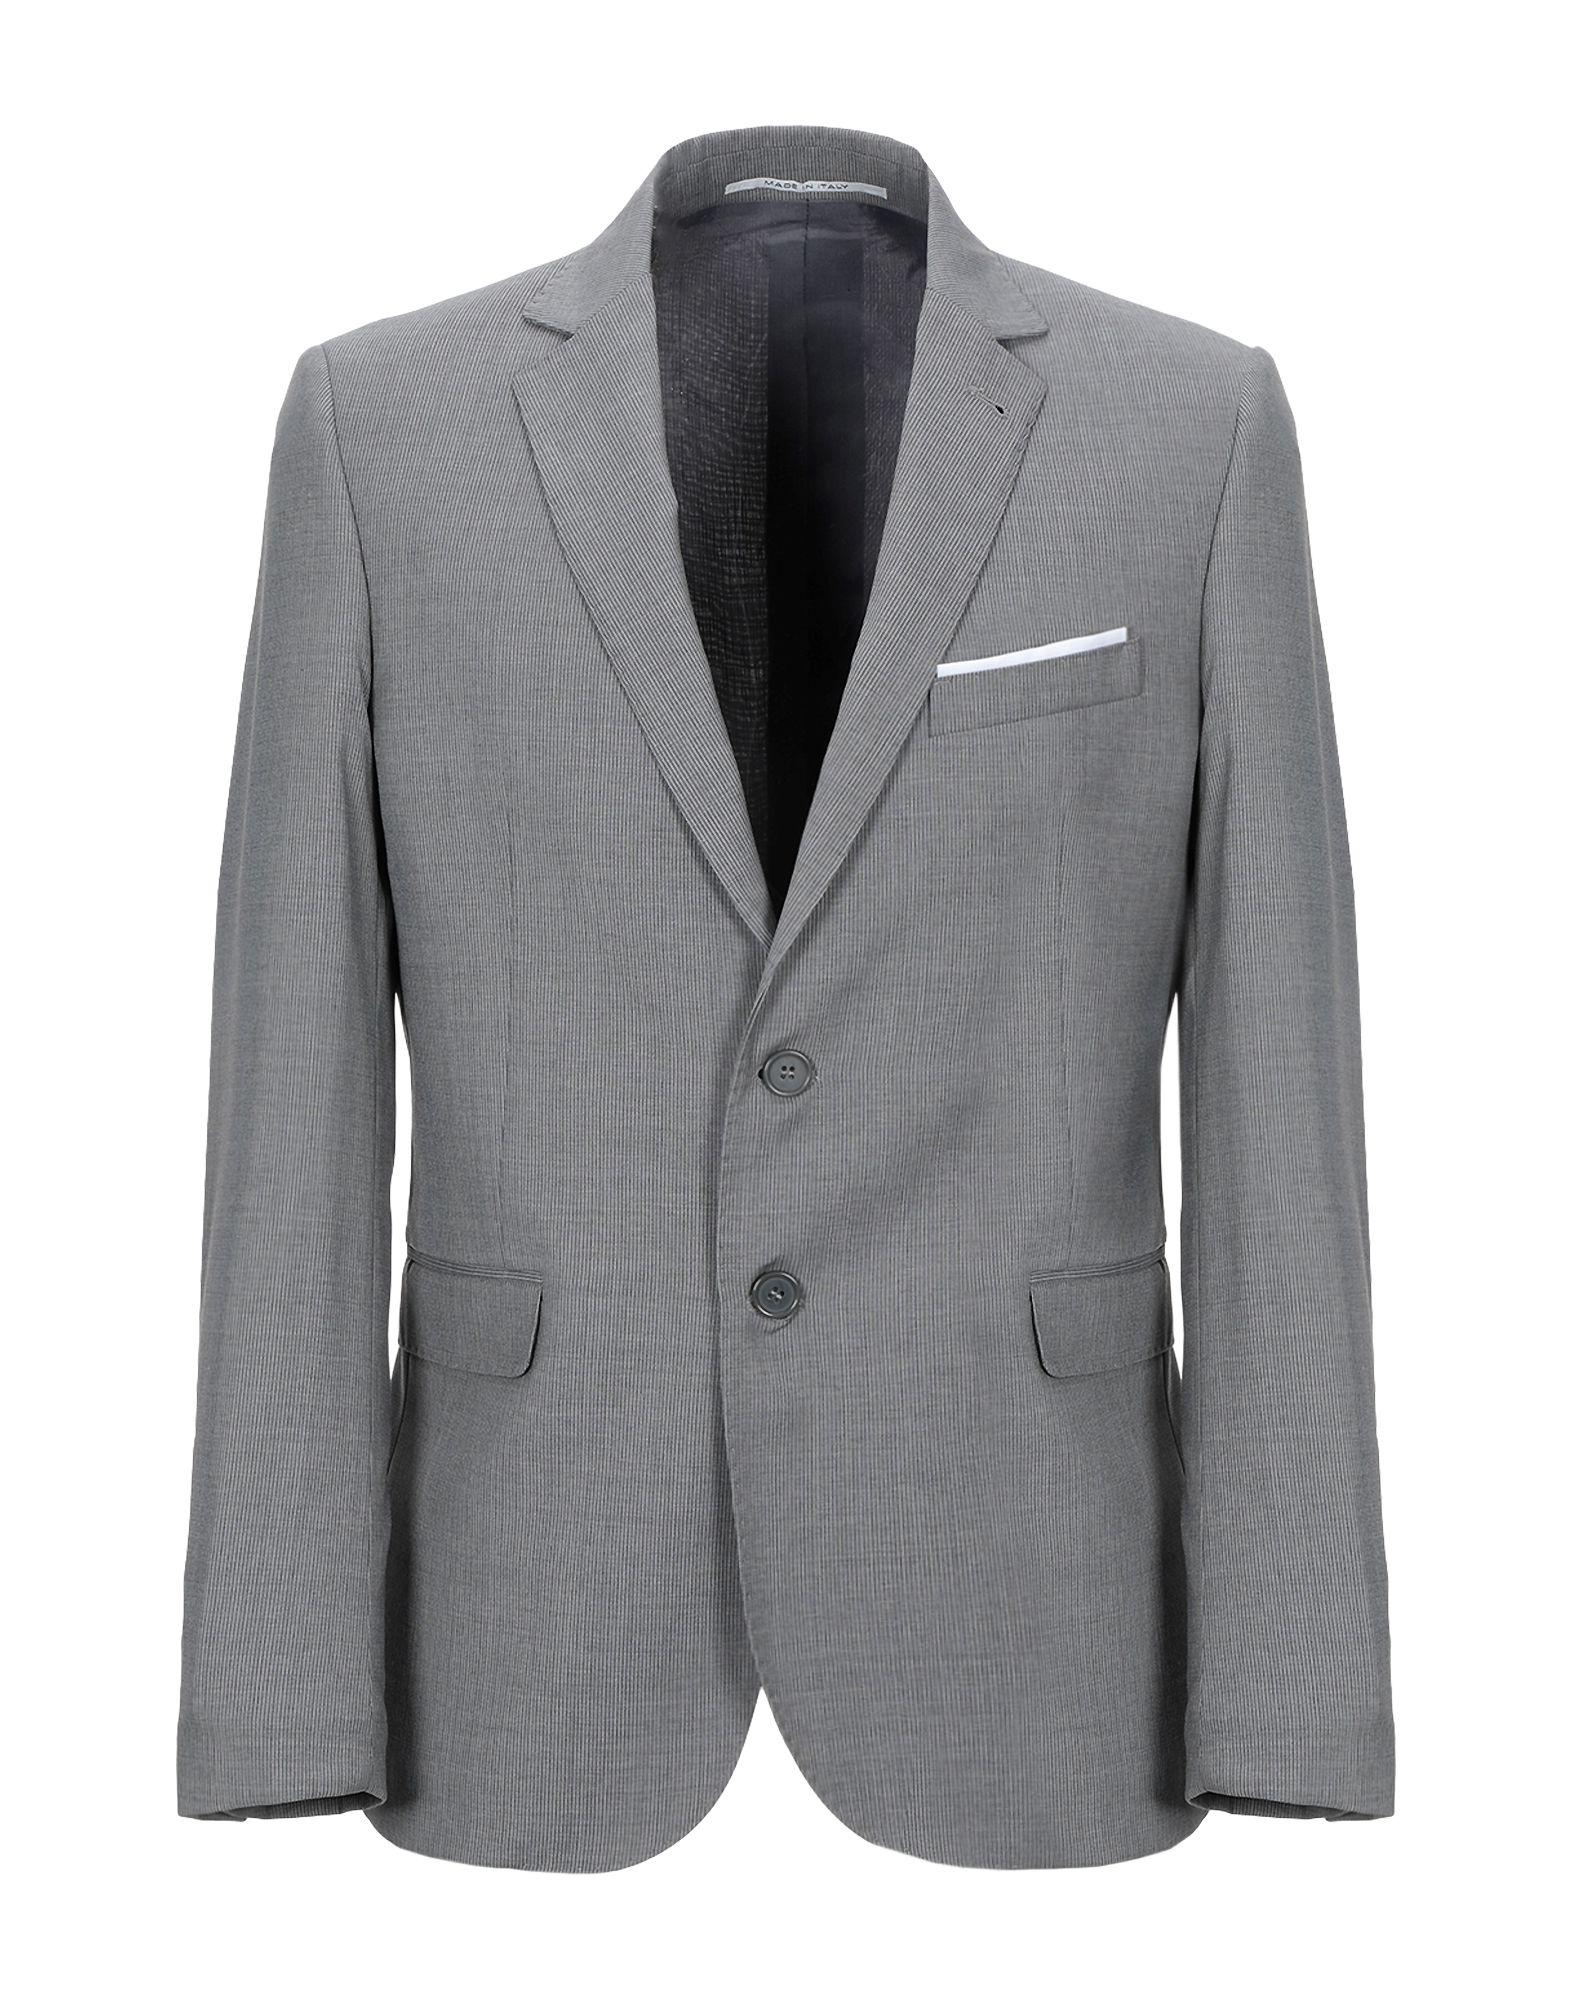 EXIBIT Пиджак шерстяной пиджак мужской купить в москве